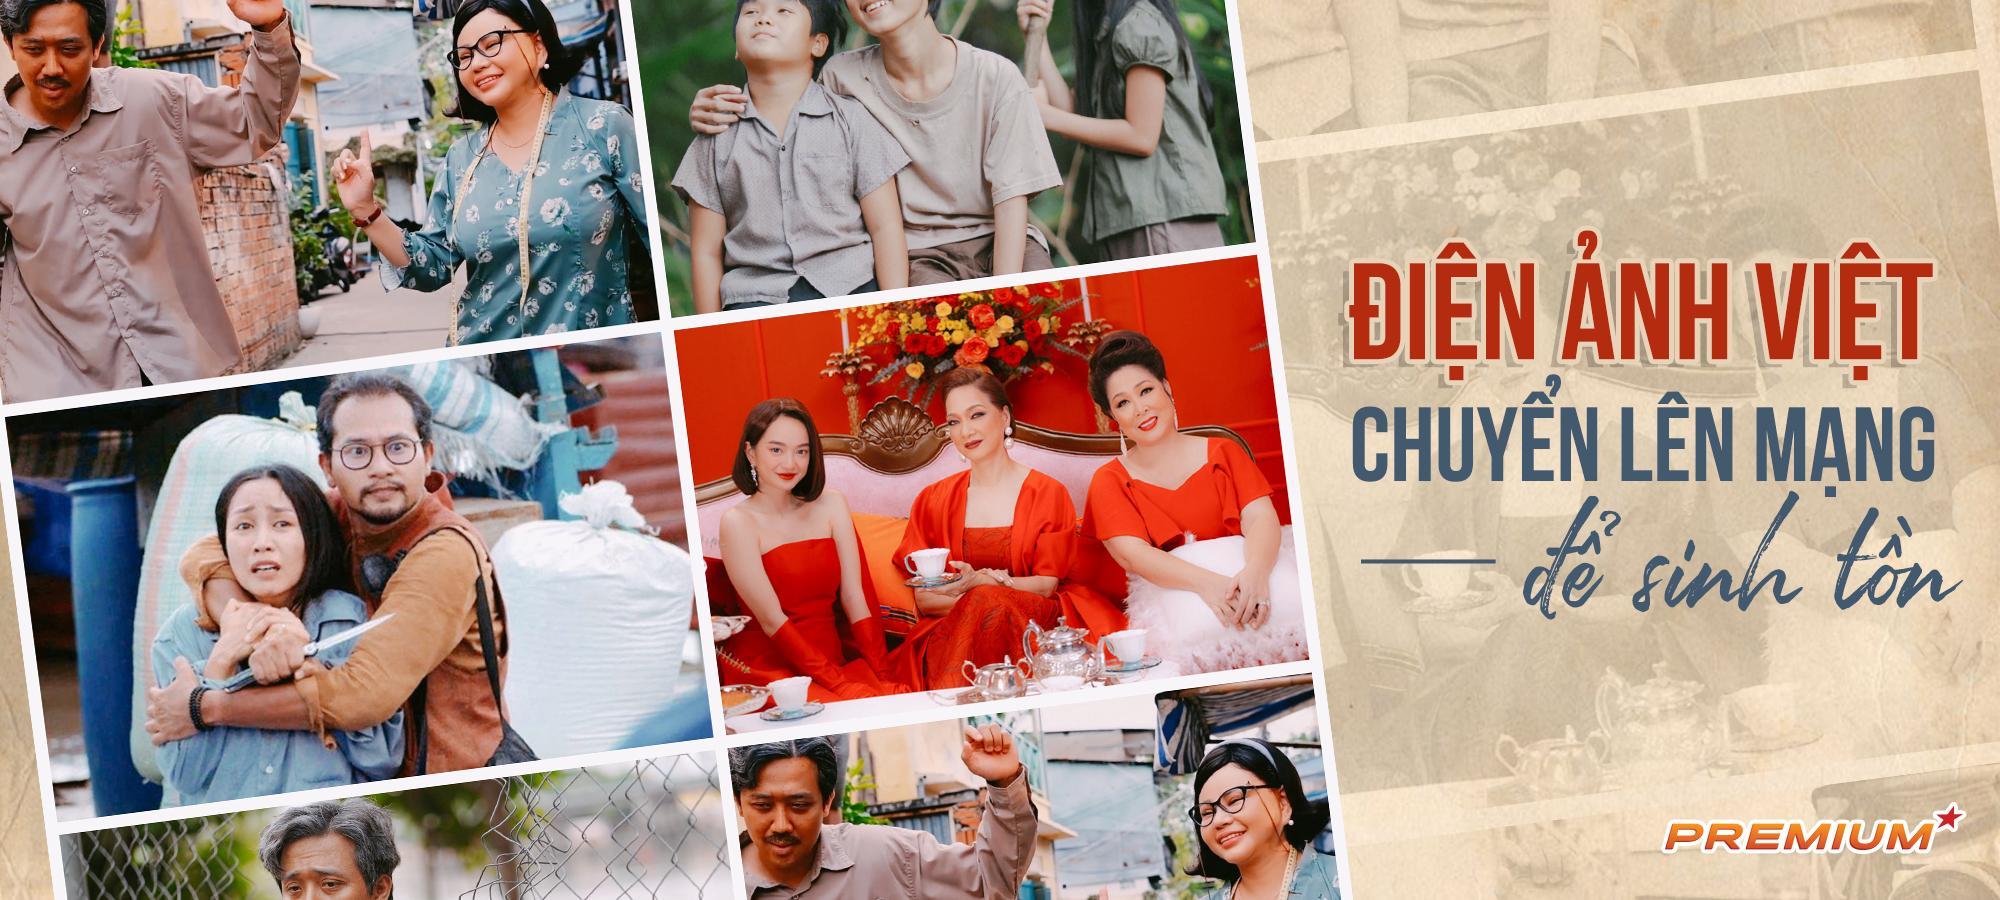 Điện ảnh Việt chuyển lên mạng để sinh tồn